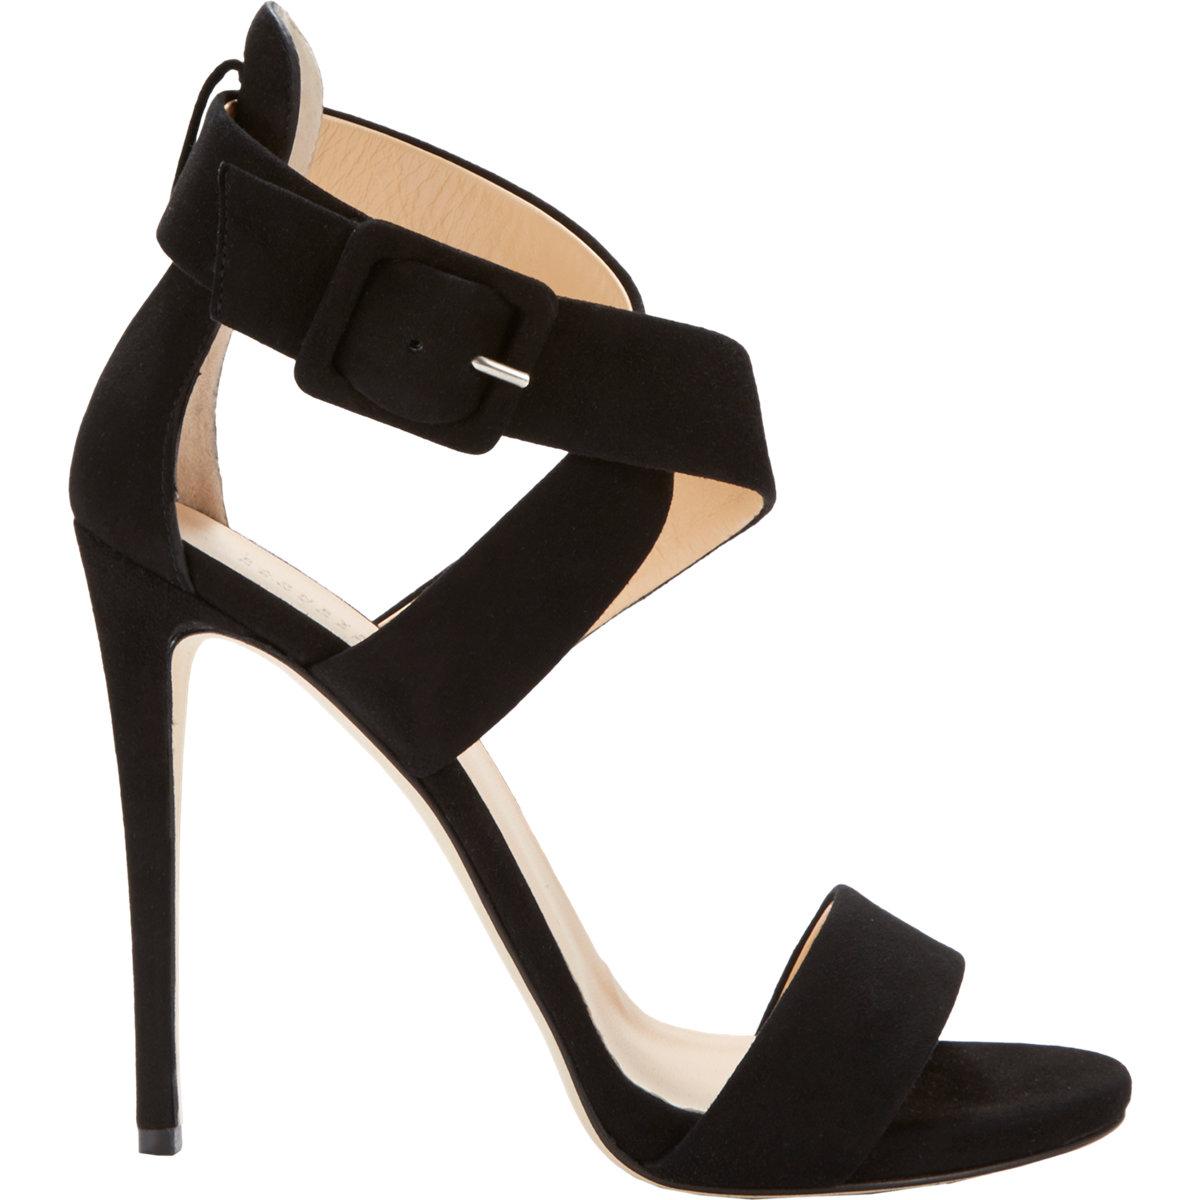 0508e973f319 Lyst - Barneys New York Women s Crisscross-strap Sandals in Black